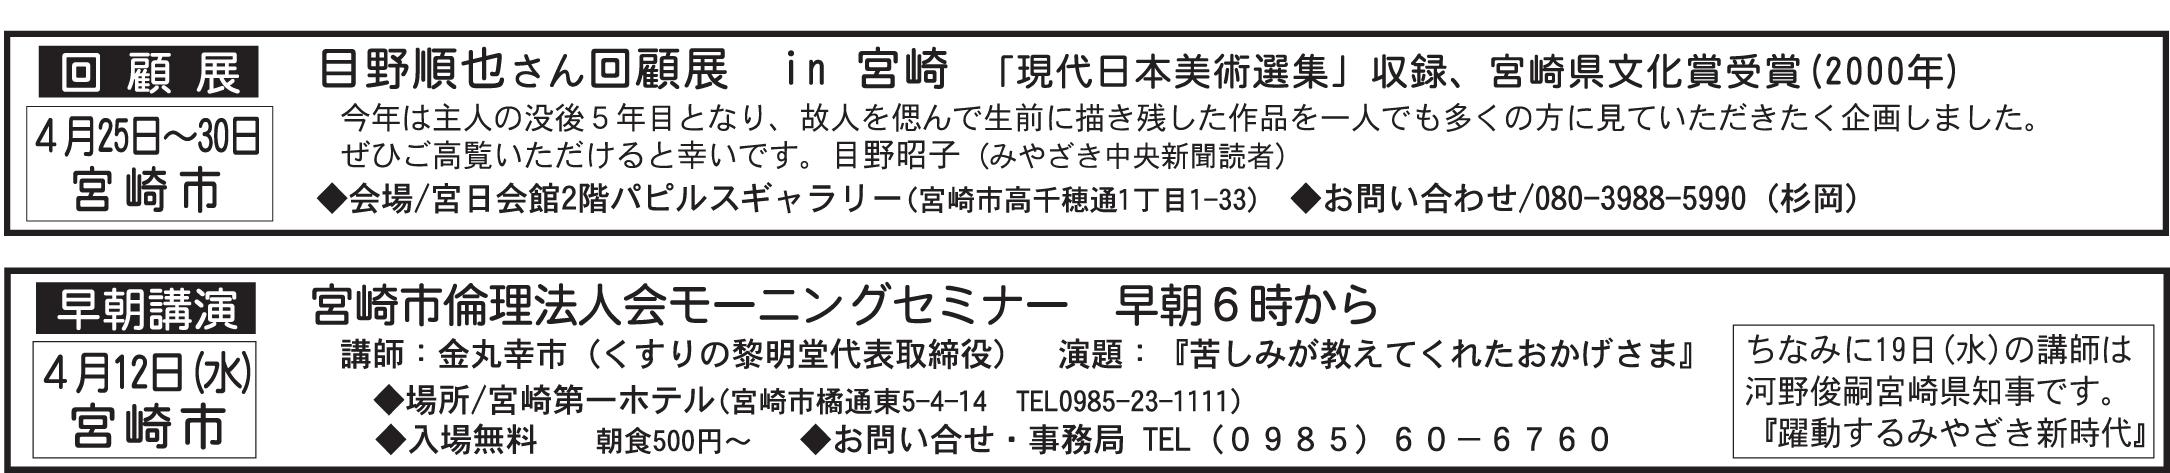 muryo2689.jpg